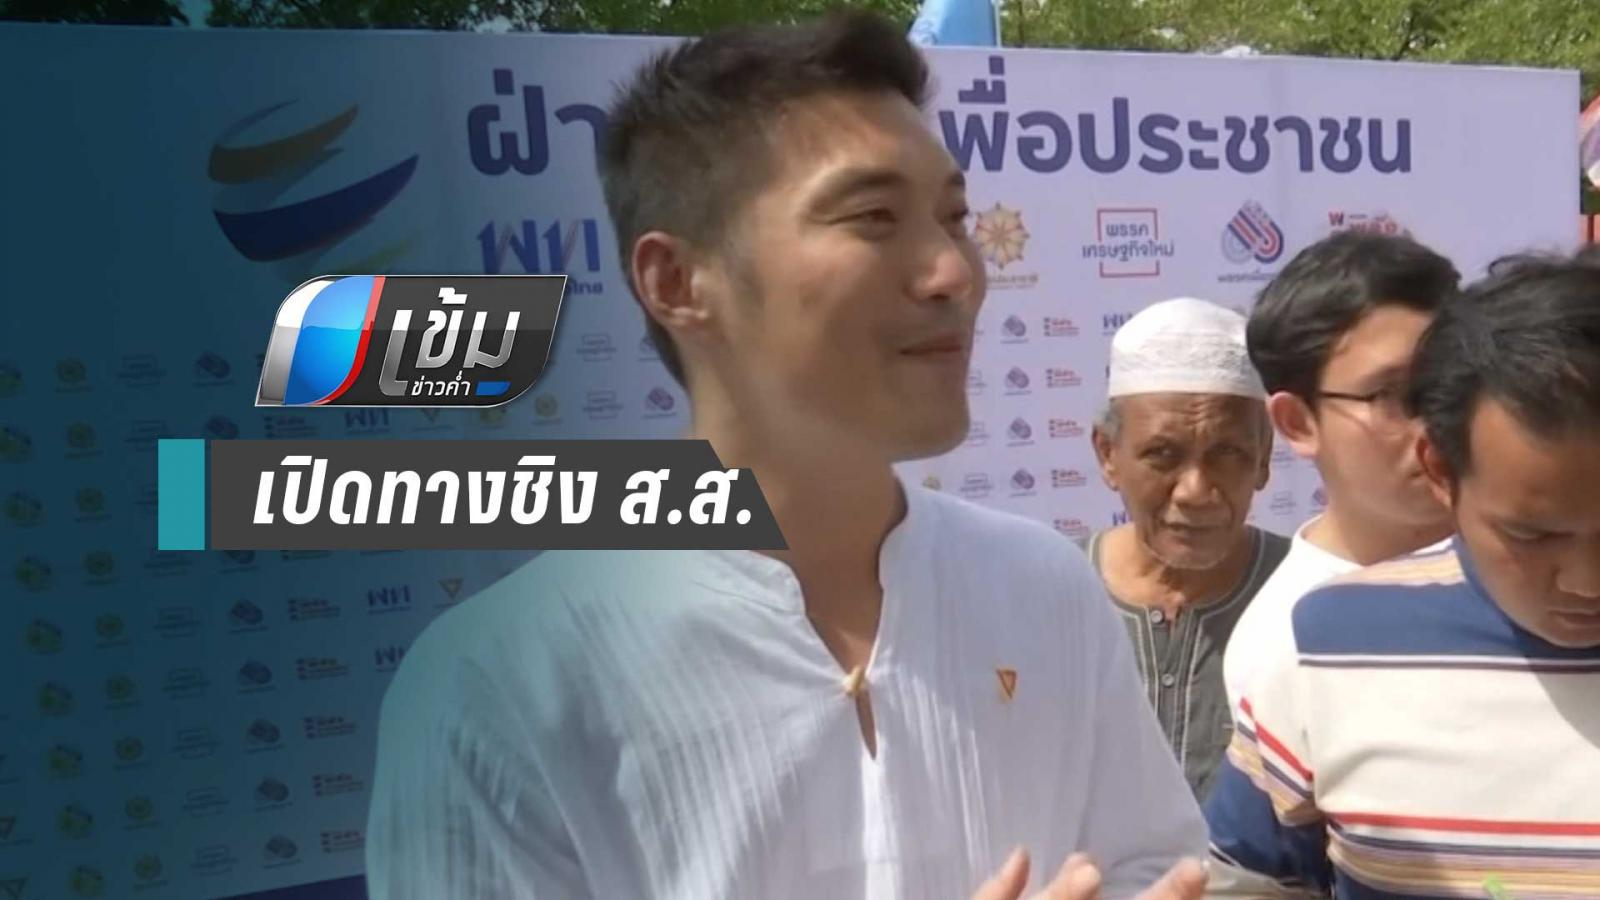 เพื่อไทย – พลังประชารัฐ เปิดทาง อนาคตใหม่ –ประชาธิปัตย์ ชิง ส.ส.เขต5 นครปฐม